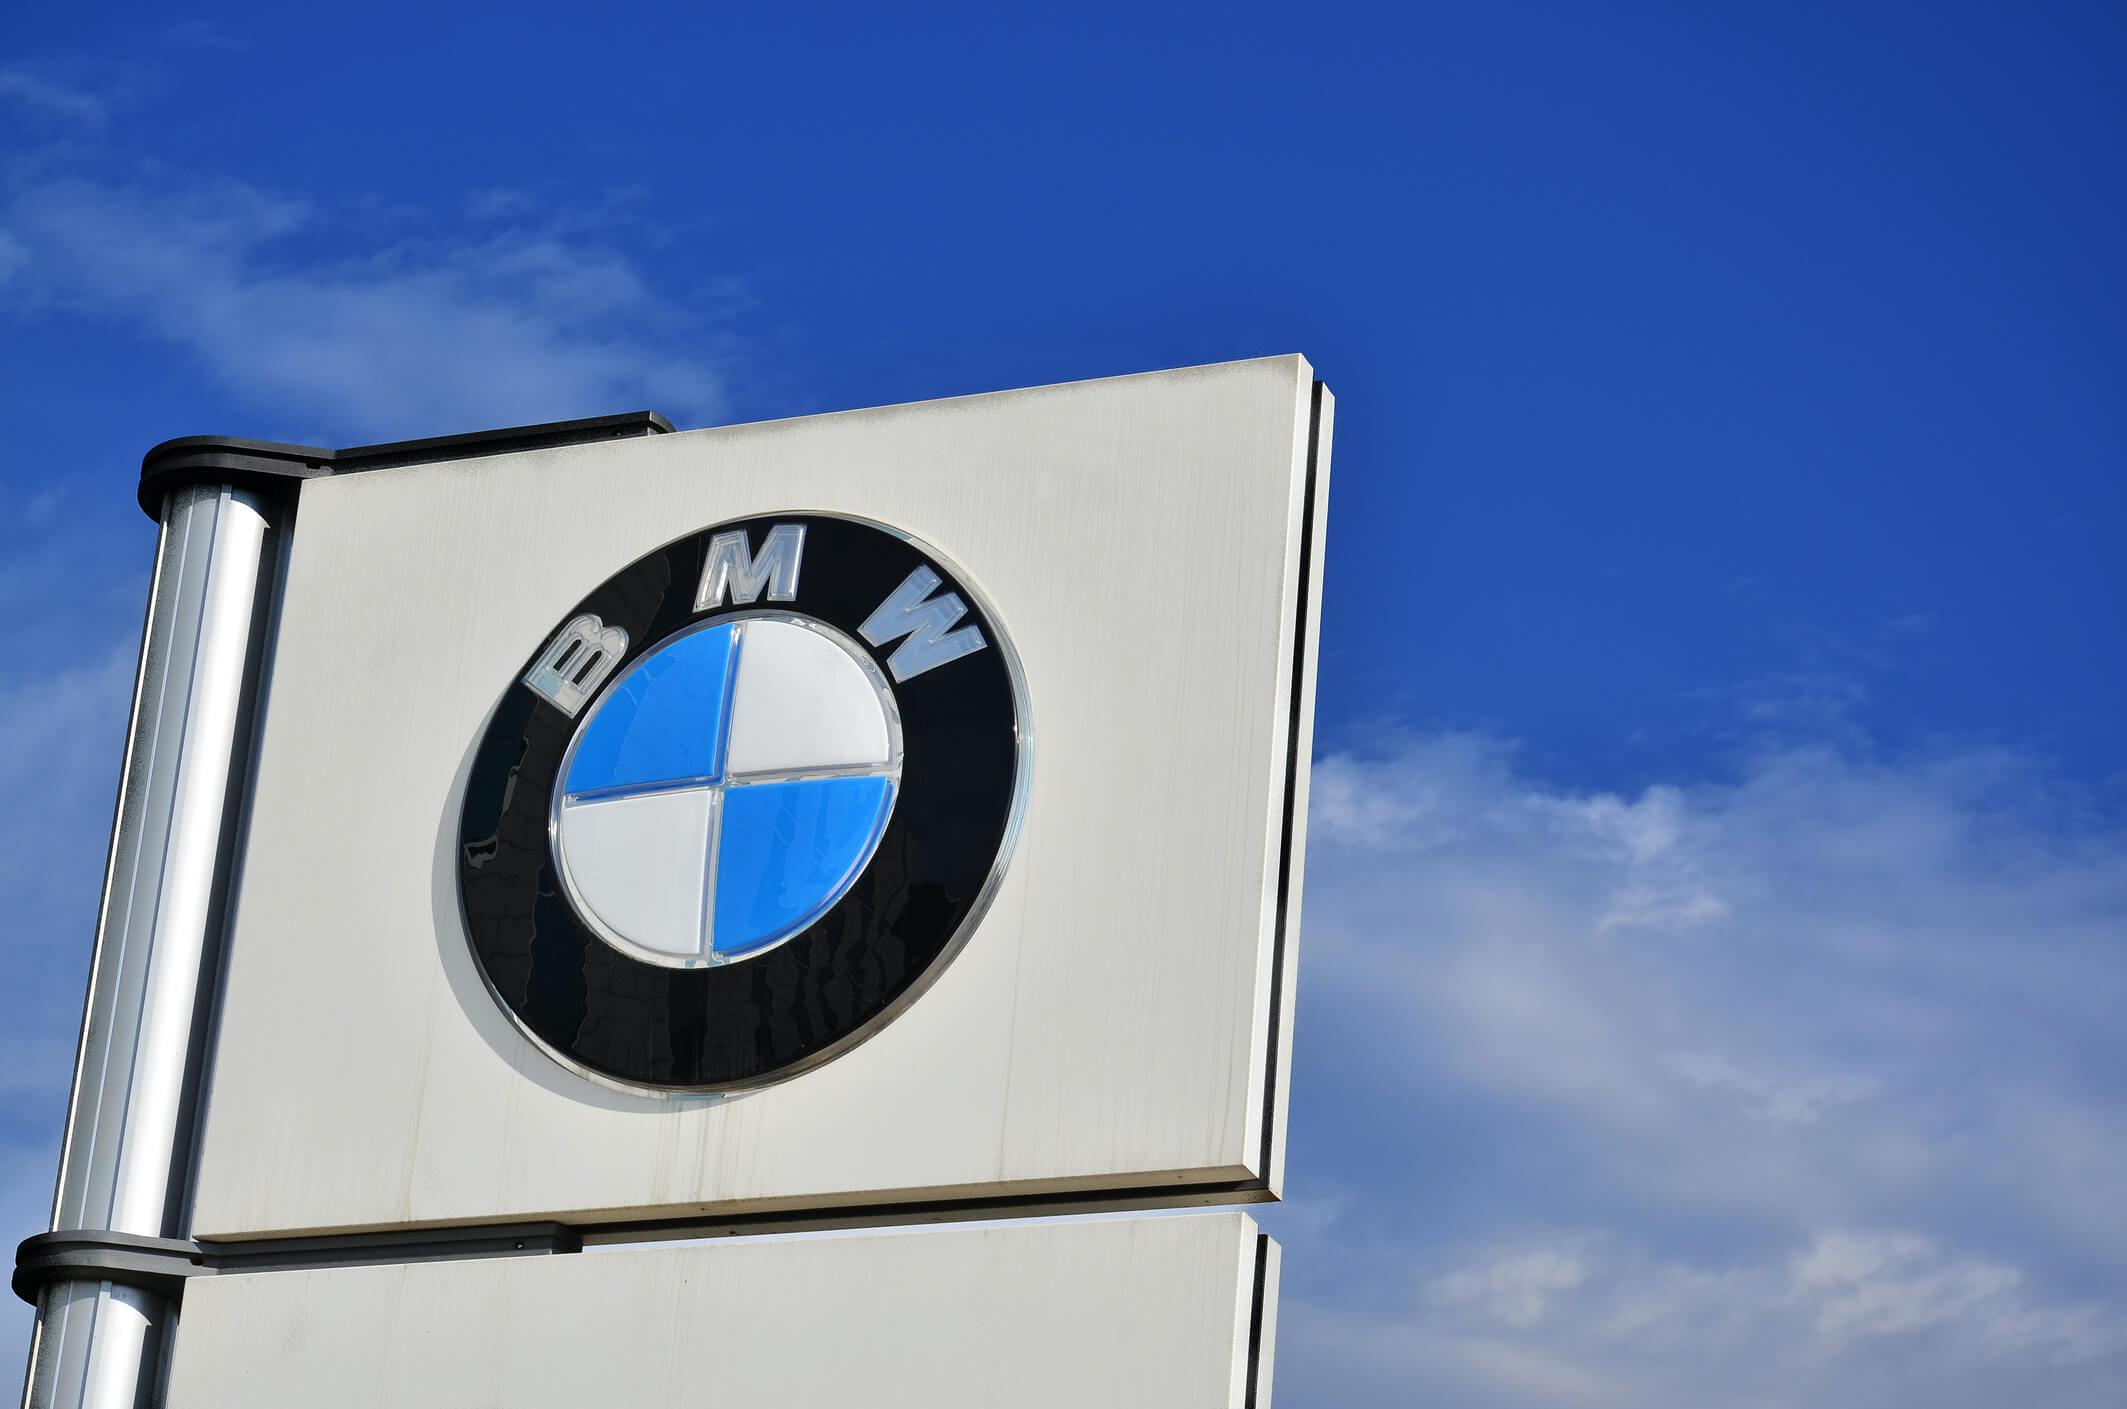 BMW Concierge Test Drive